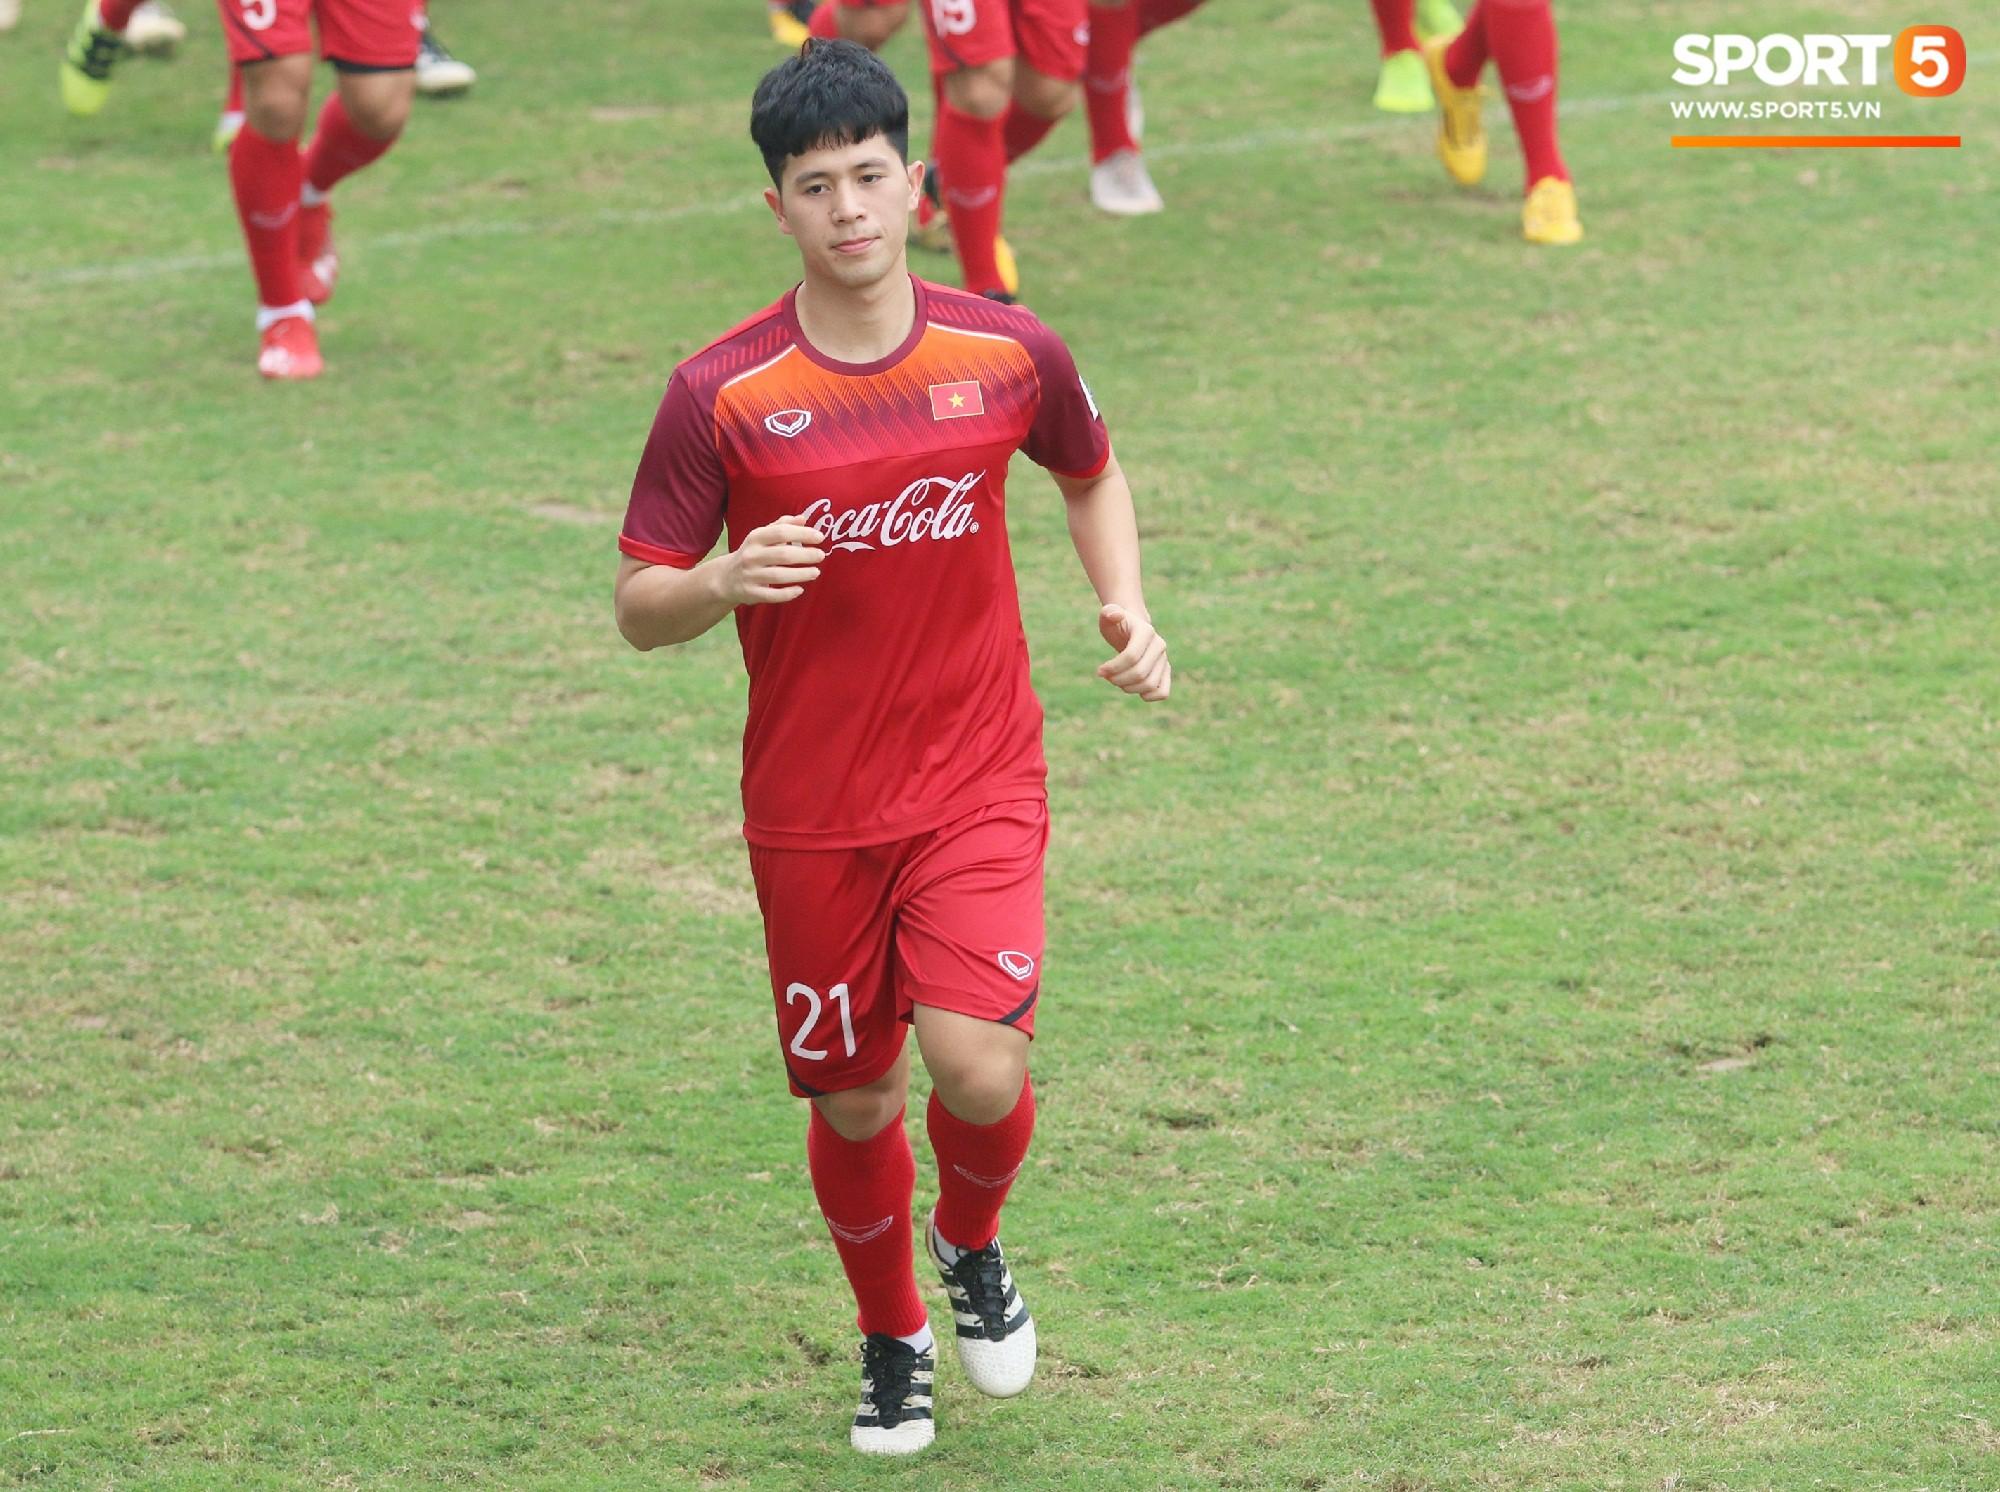 Đình Trọng được thầy Lee Young-jin bổ túc riêng, đẩy nhanh quá trình giảm cân - Ảnh 4.